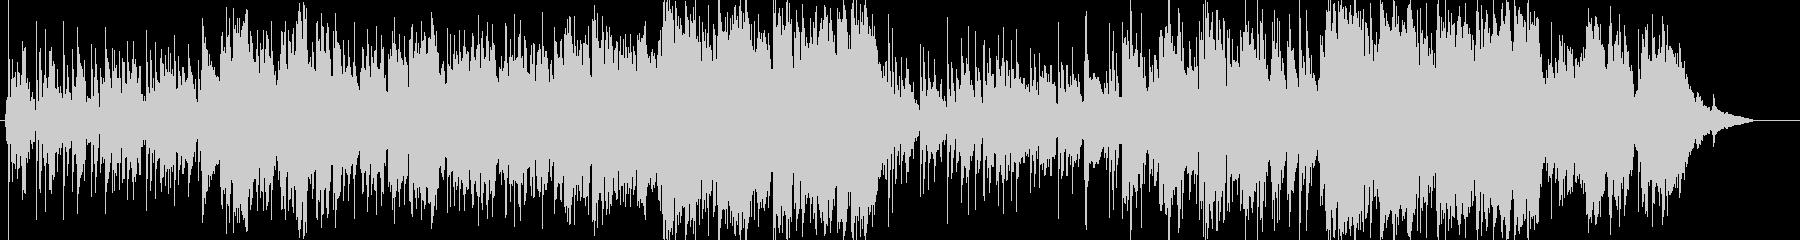 バイオリンのマリン風ミディアムテンポ曲の未再生の波形